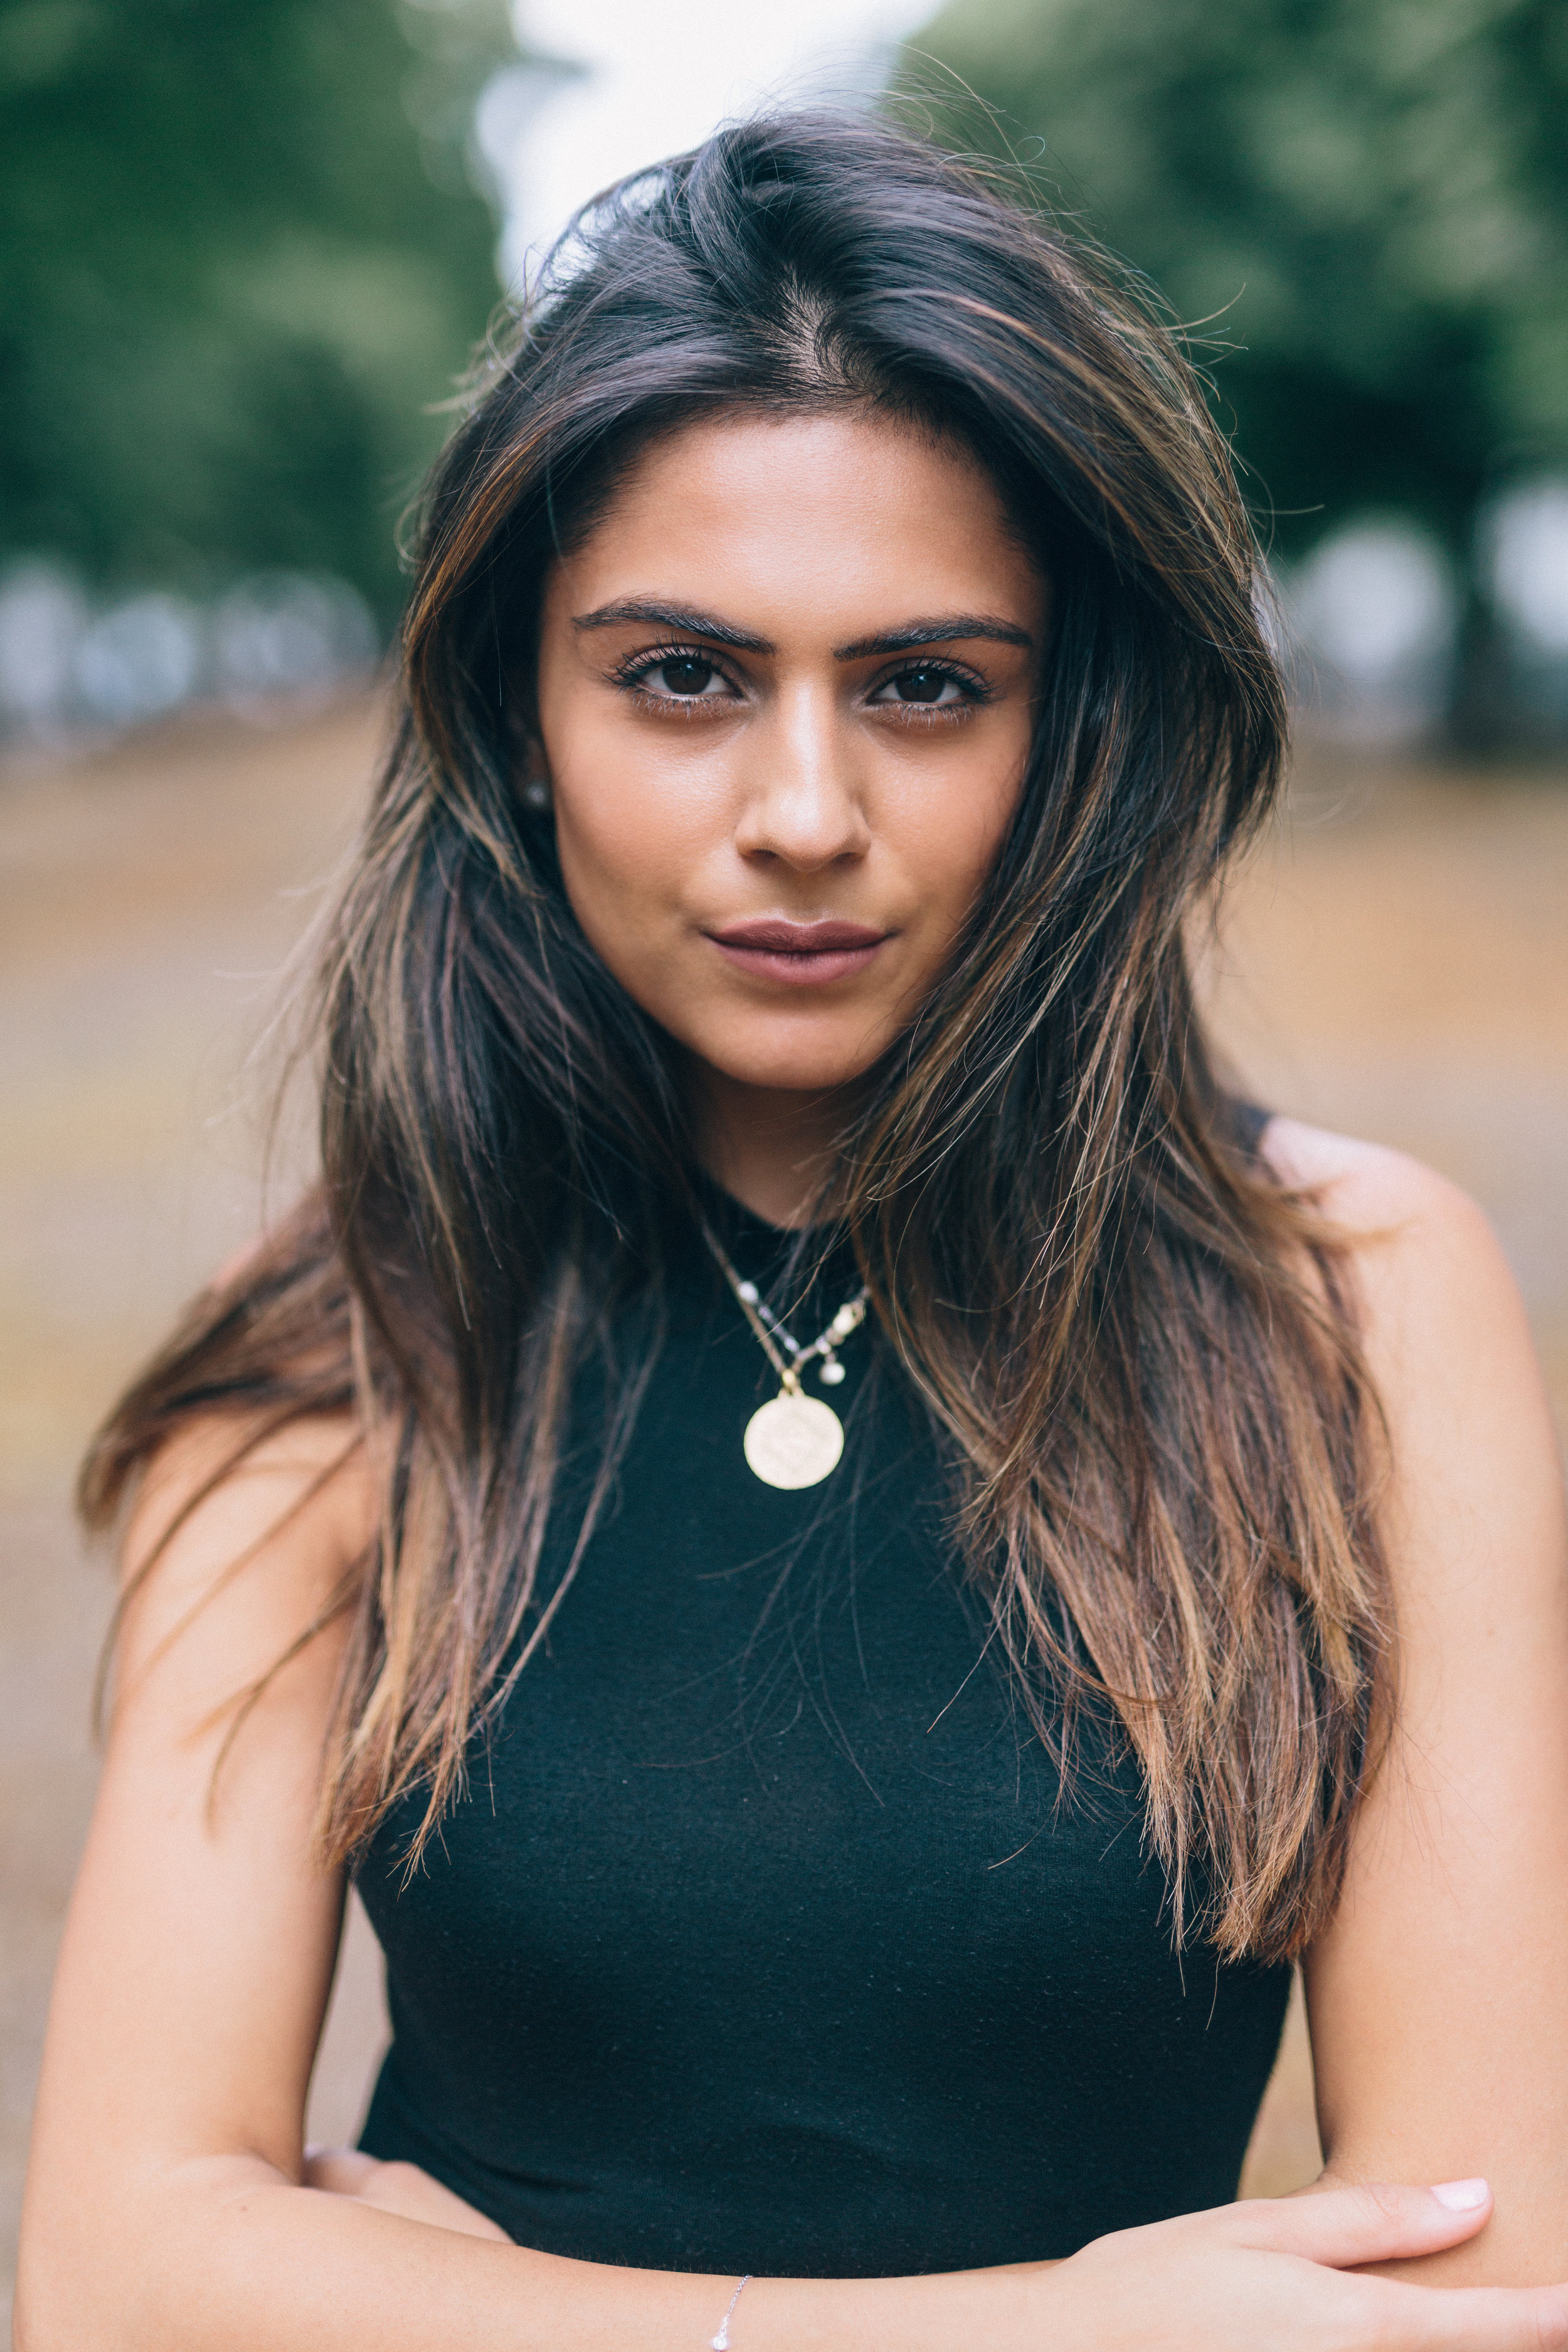 Shivani_BAME-16.jpg